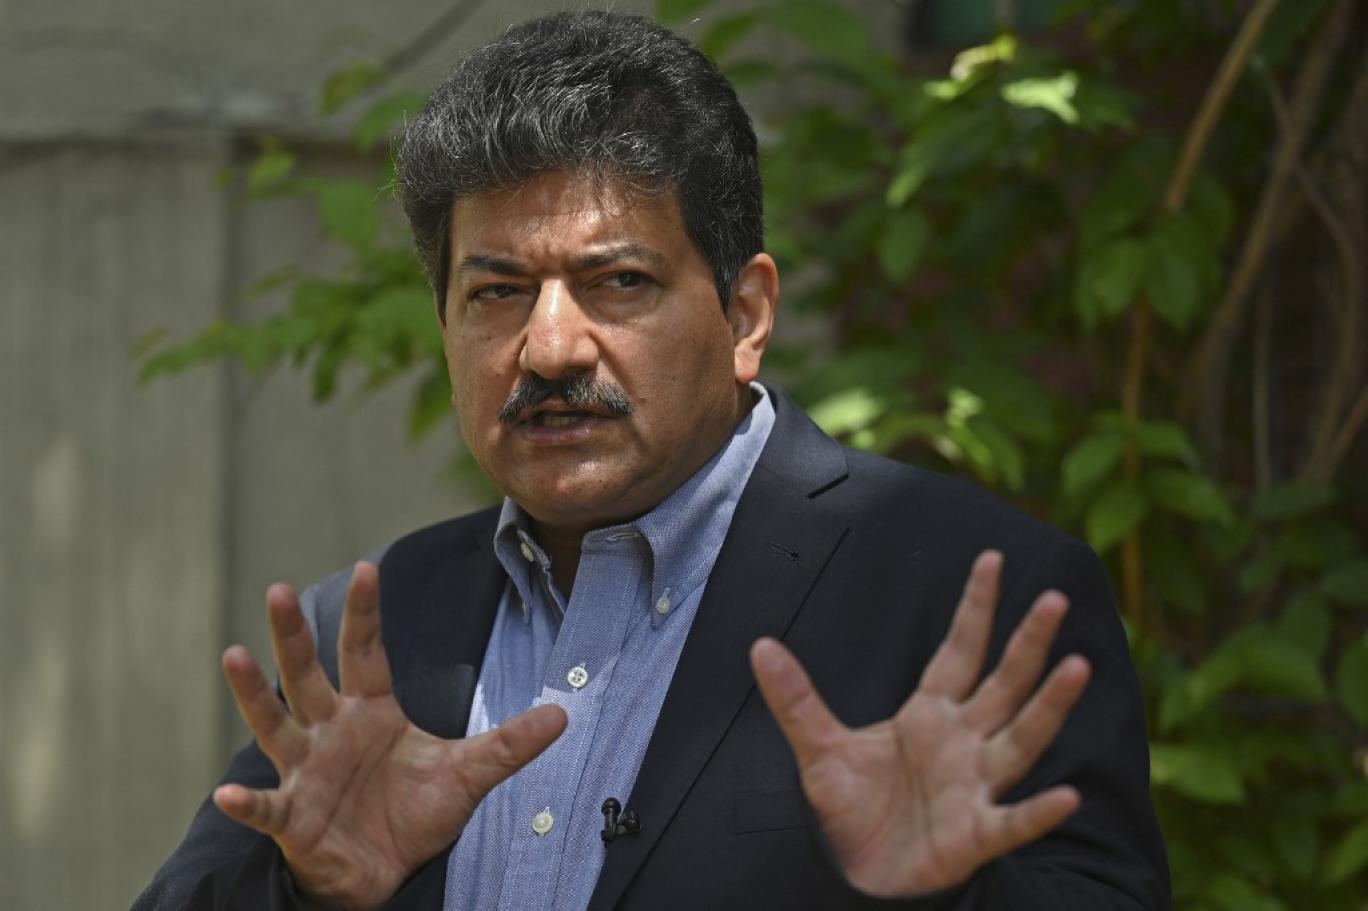 فوج سے کوئی لڑائی نہیں، معذرت خواہ ہوں: حامد میر